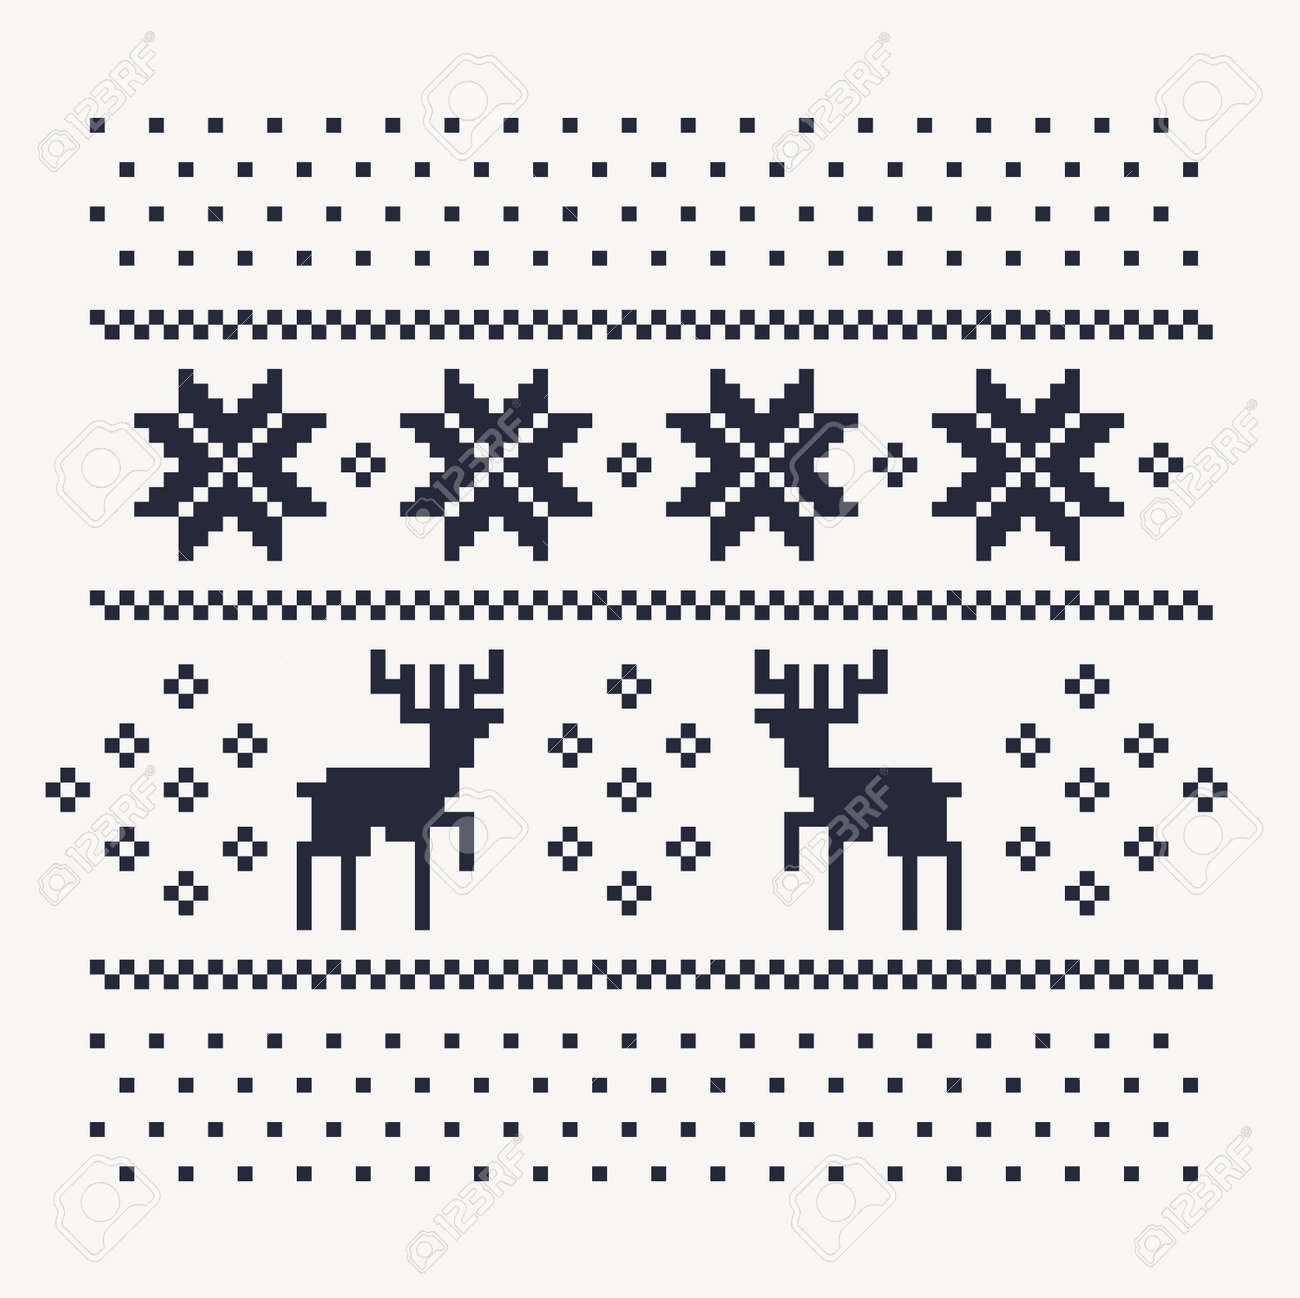 Motif De Lhiver Noël Pour Imprimer Maillot Ou T Shirt Cerfs De Pixels Et Des Flocons De Neige Sur Le Fond Blanc